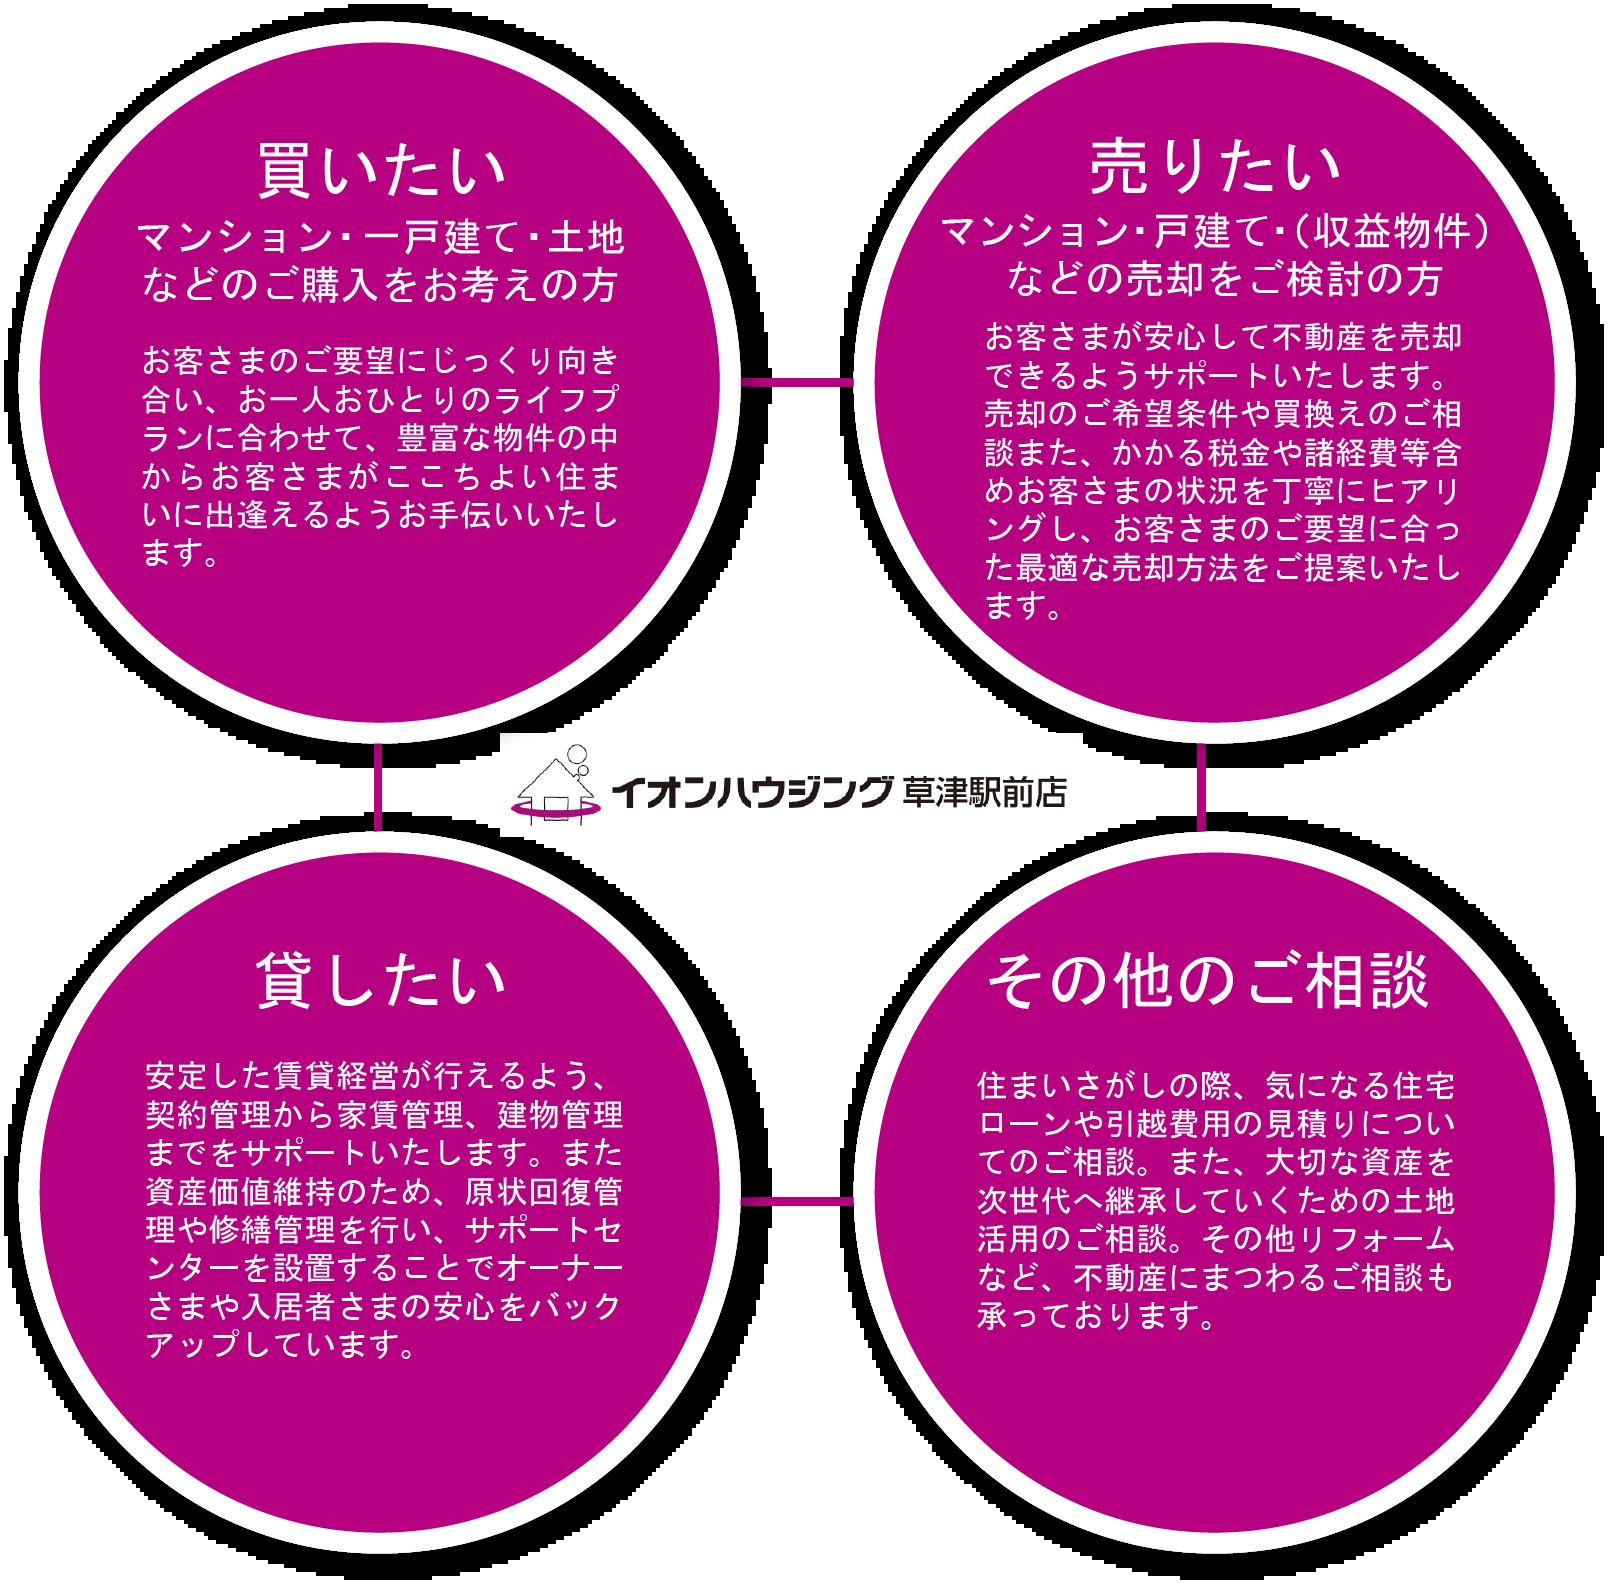 イオンハウジング草津駅前店